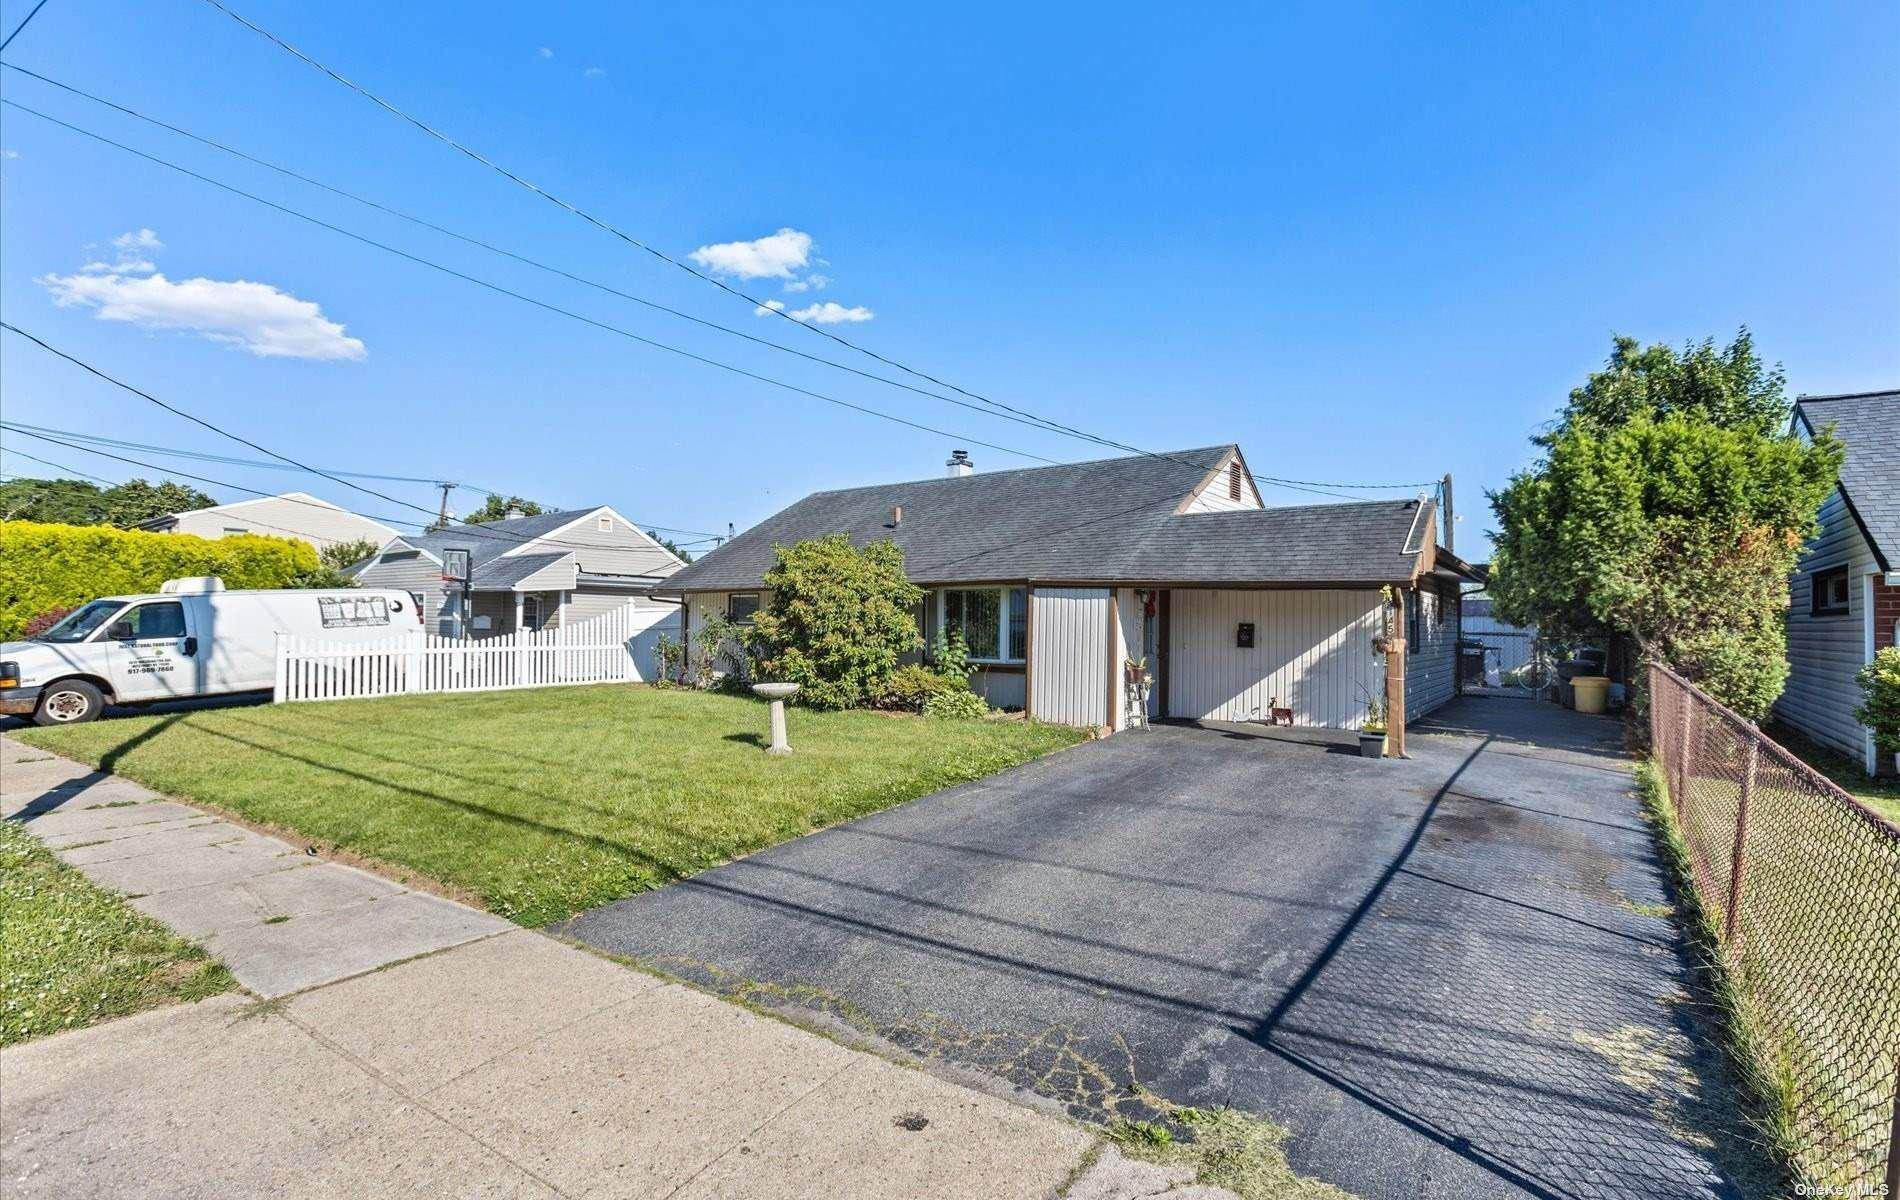 145 3rd Street, Hicksville, NY 11801 - MLS#: 3323042